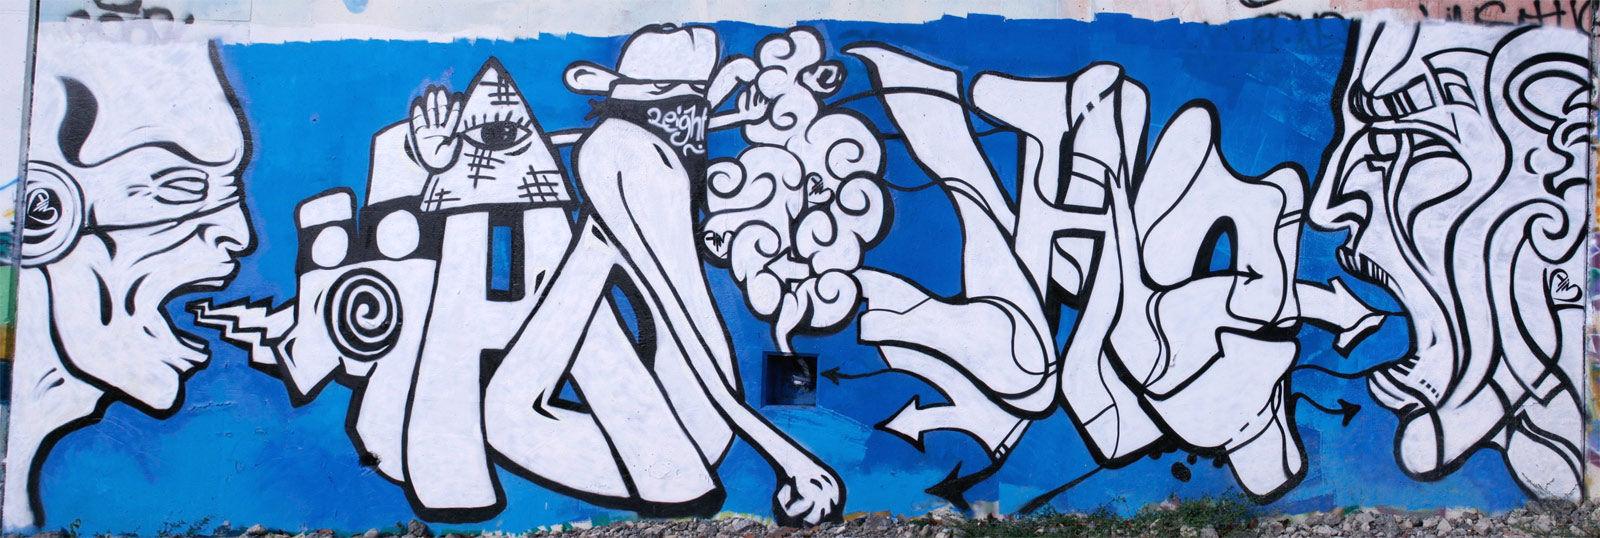 Œuvre Par madmag à Genève, canton de Genève